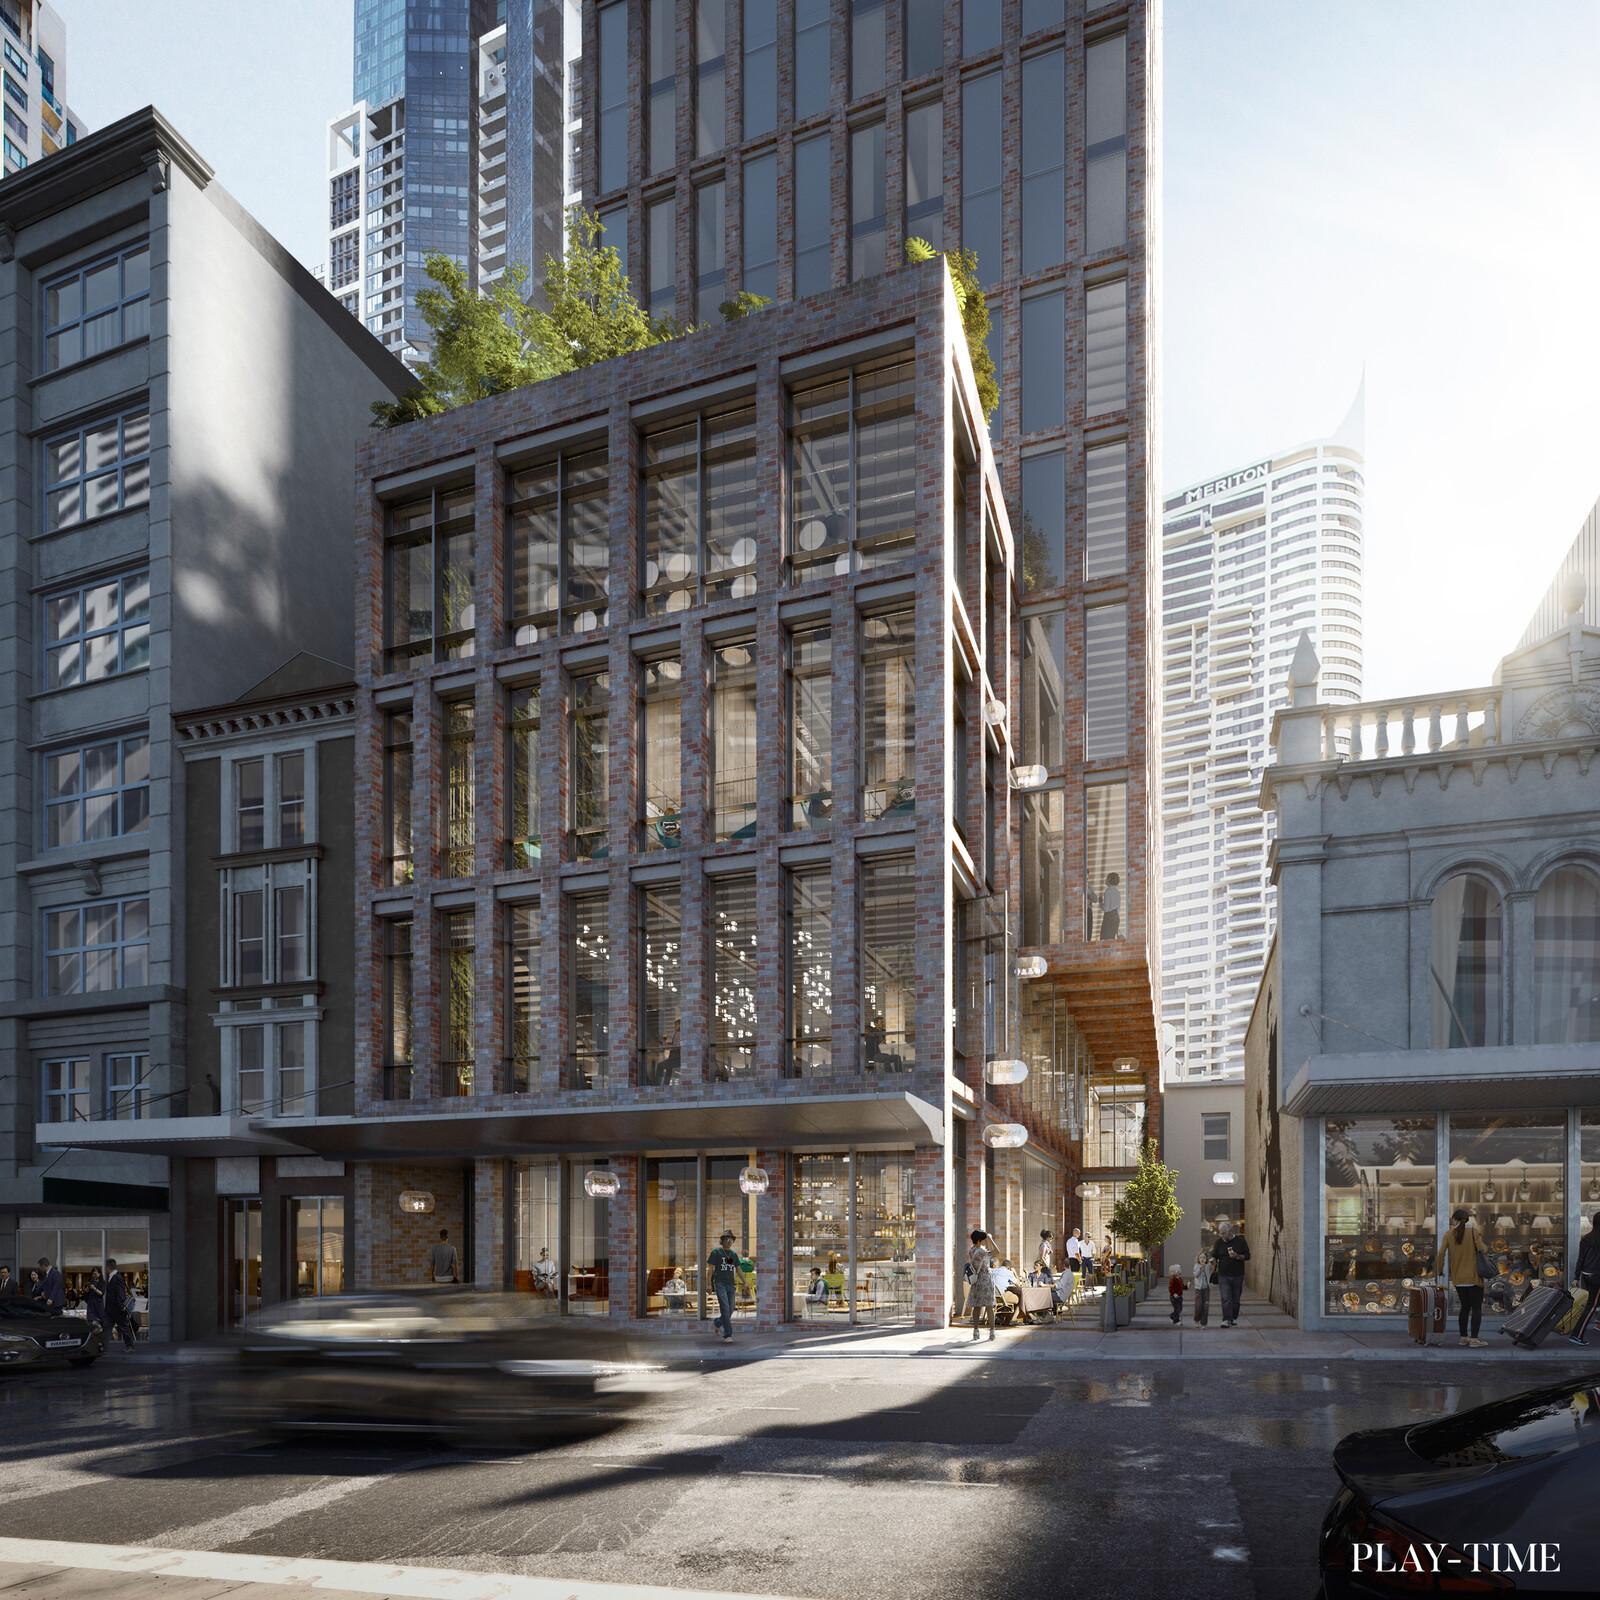 375 Pitt Street Hotel in Sydney